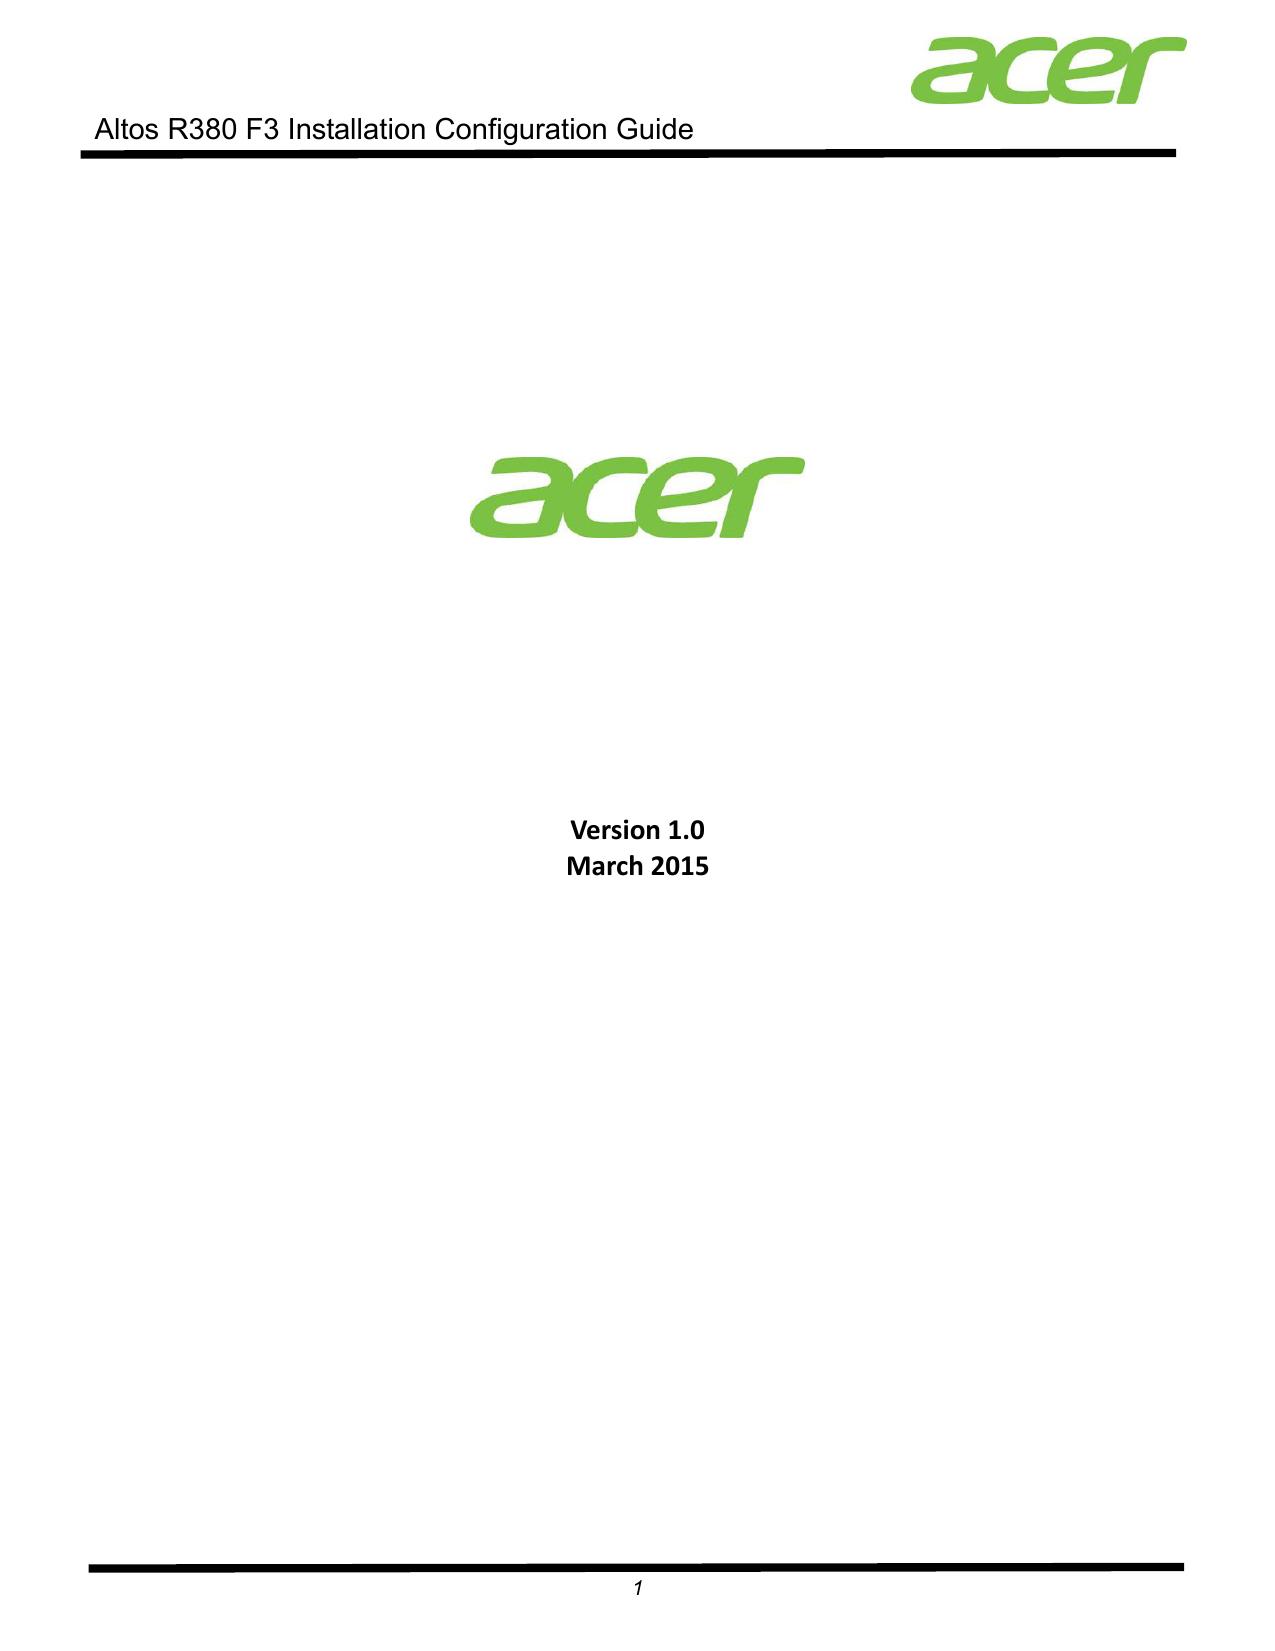 Acer Altos R380 F3 Installation & Configuration Guide